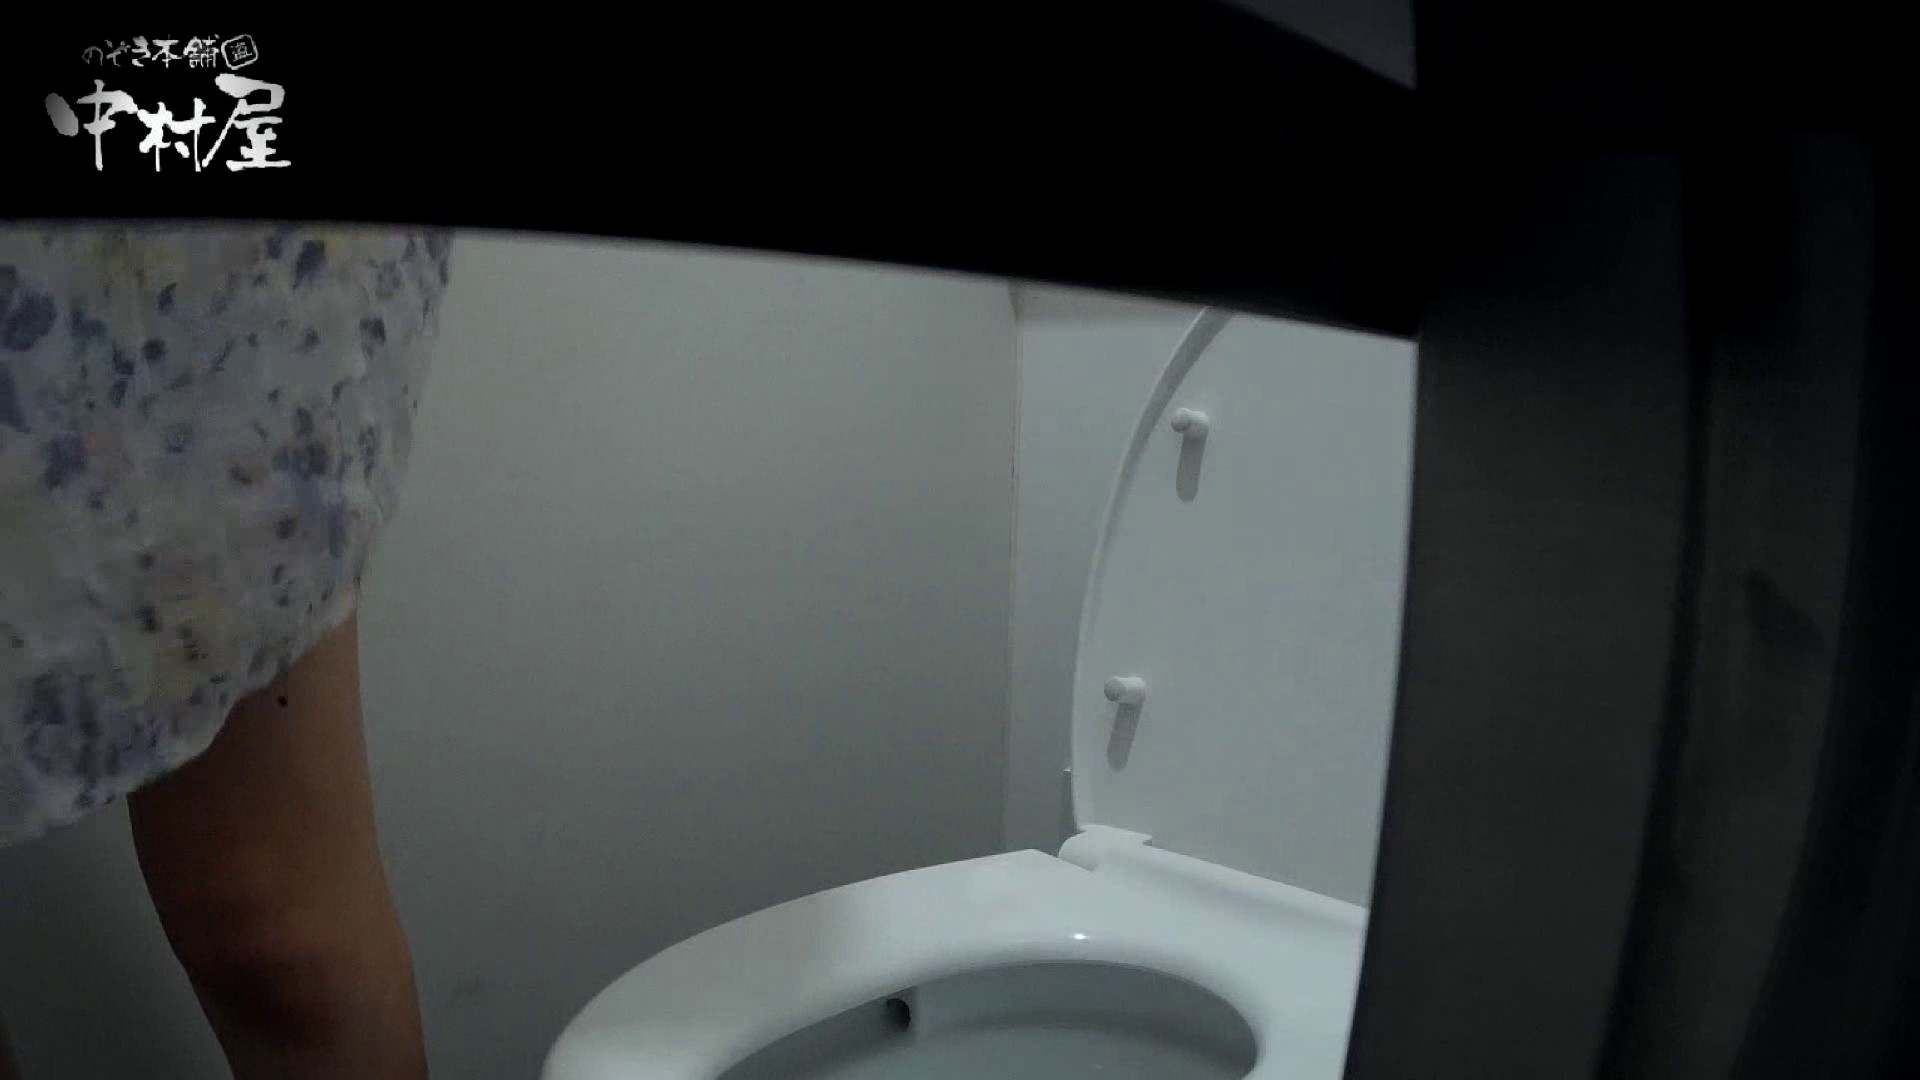 【某有名大学女性洗面所】有名大学女性洗面所 vol.40 ??おまじない的な動きをする子がいます。 和式トイレ | 美しいOLの裸体  91pic 66